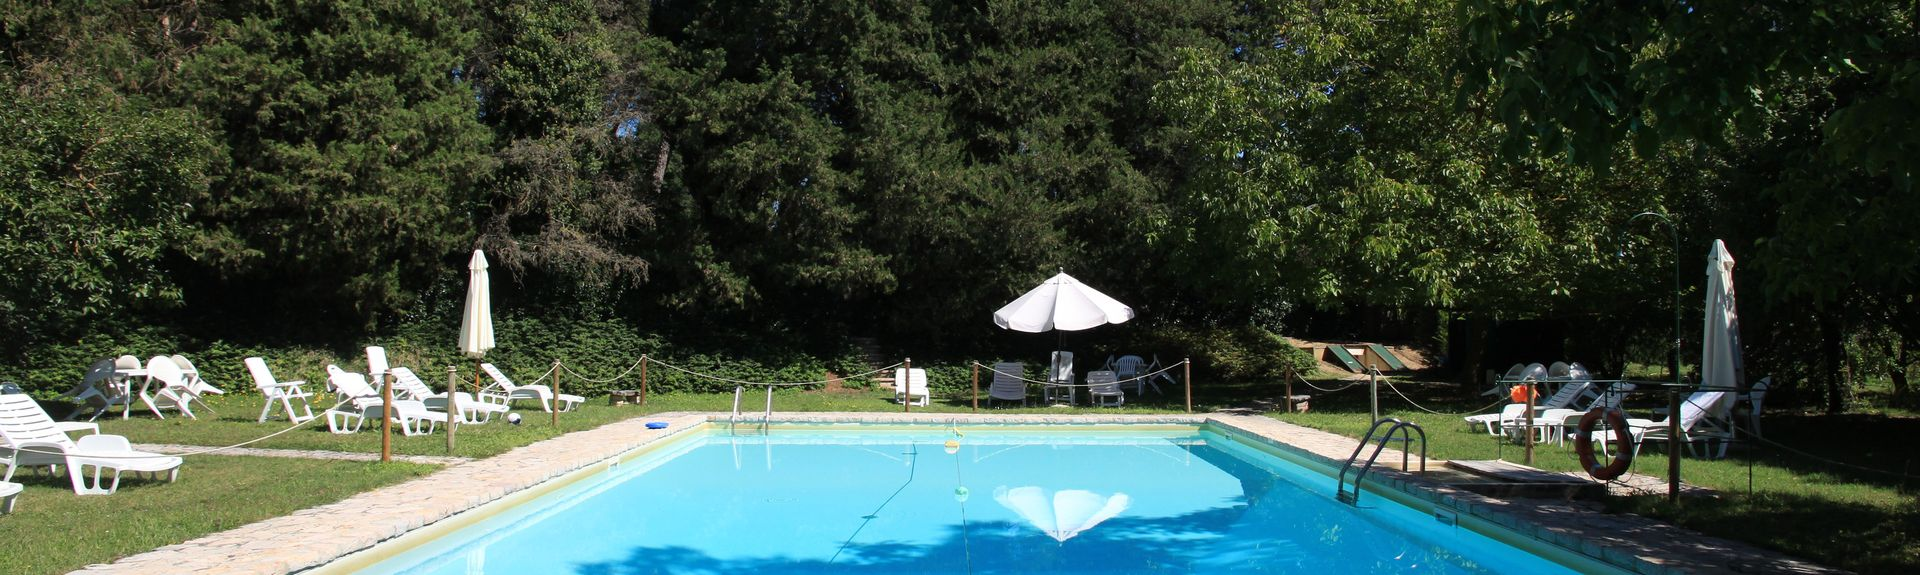 Castiglione del Lago, Ombrie, Italie